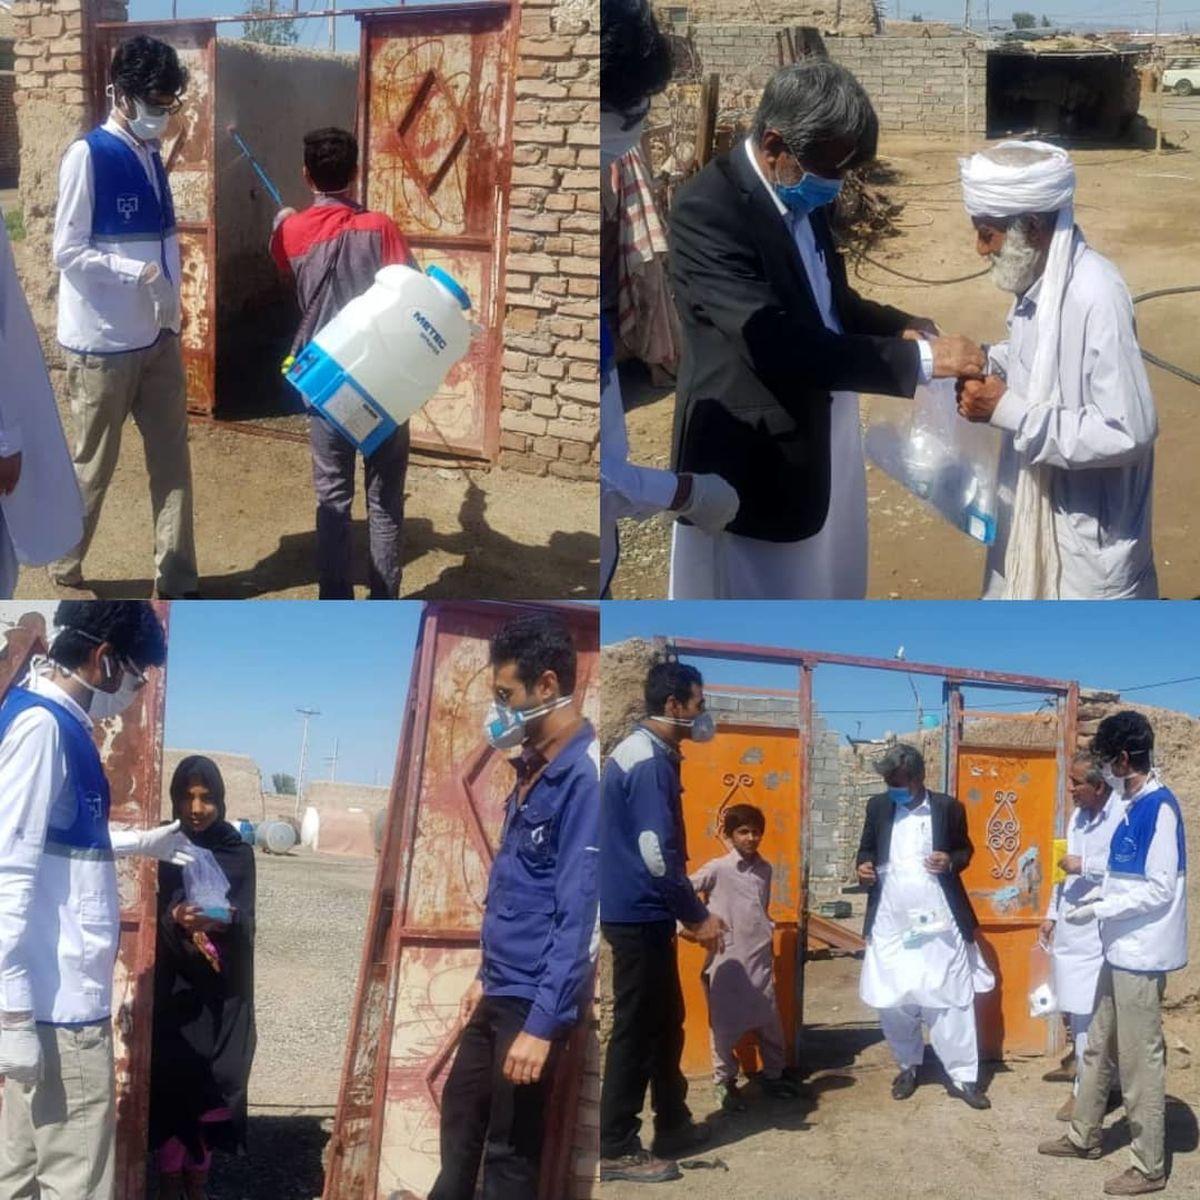 خدمات رسانی مجتمع اکتشافی و معدنی سیستان و بلوچستان در روستاهای محروم